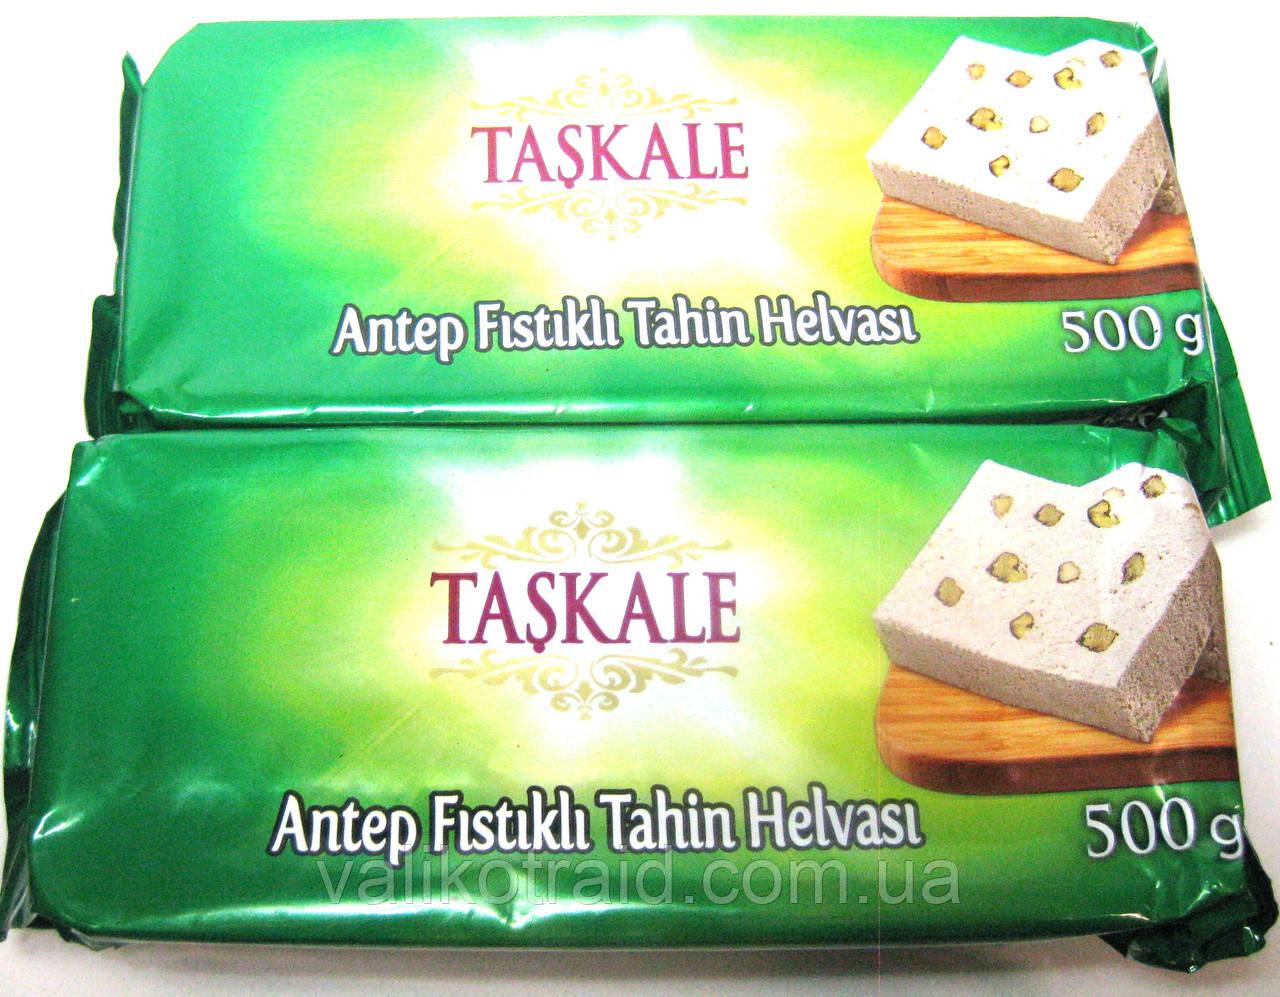 Кунжутная халва с цельным орехом фисташки, Турция , вес 500 гр,  турецкие сладости